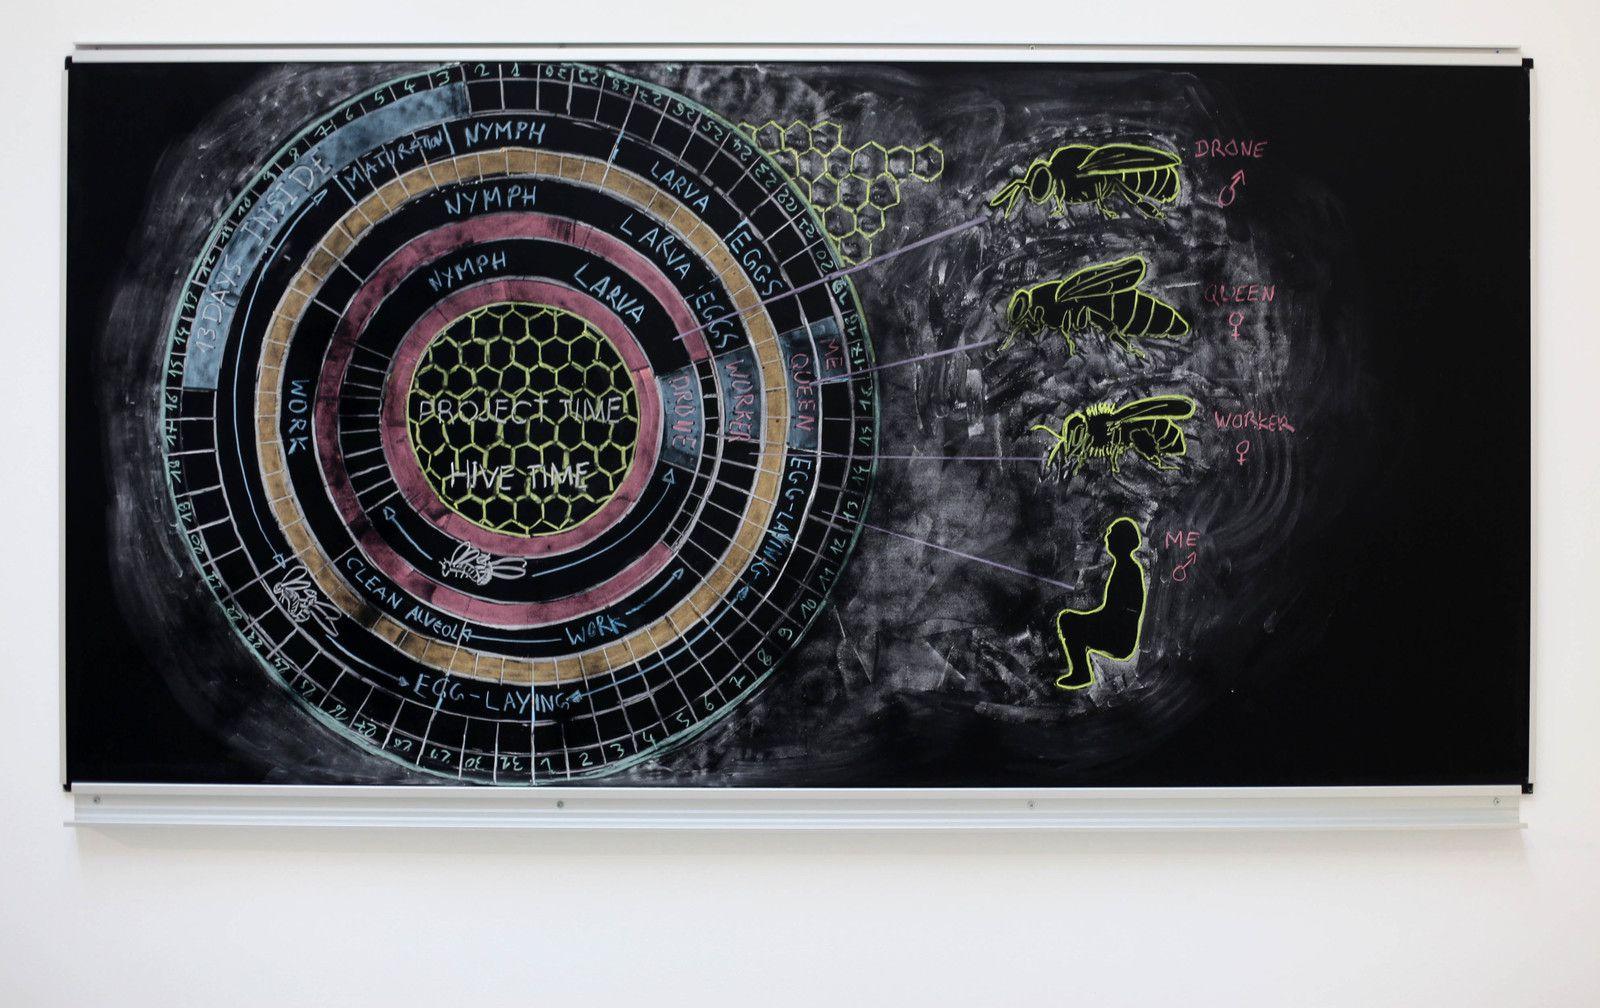 """""""Study to live inside a hive"""", 2020 de Abraham POINCHEVAL - Courtesy de l'artiste et la galerie Semiose © Photo Éric Simon"""